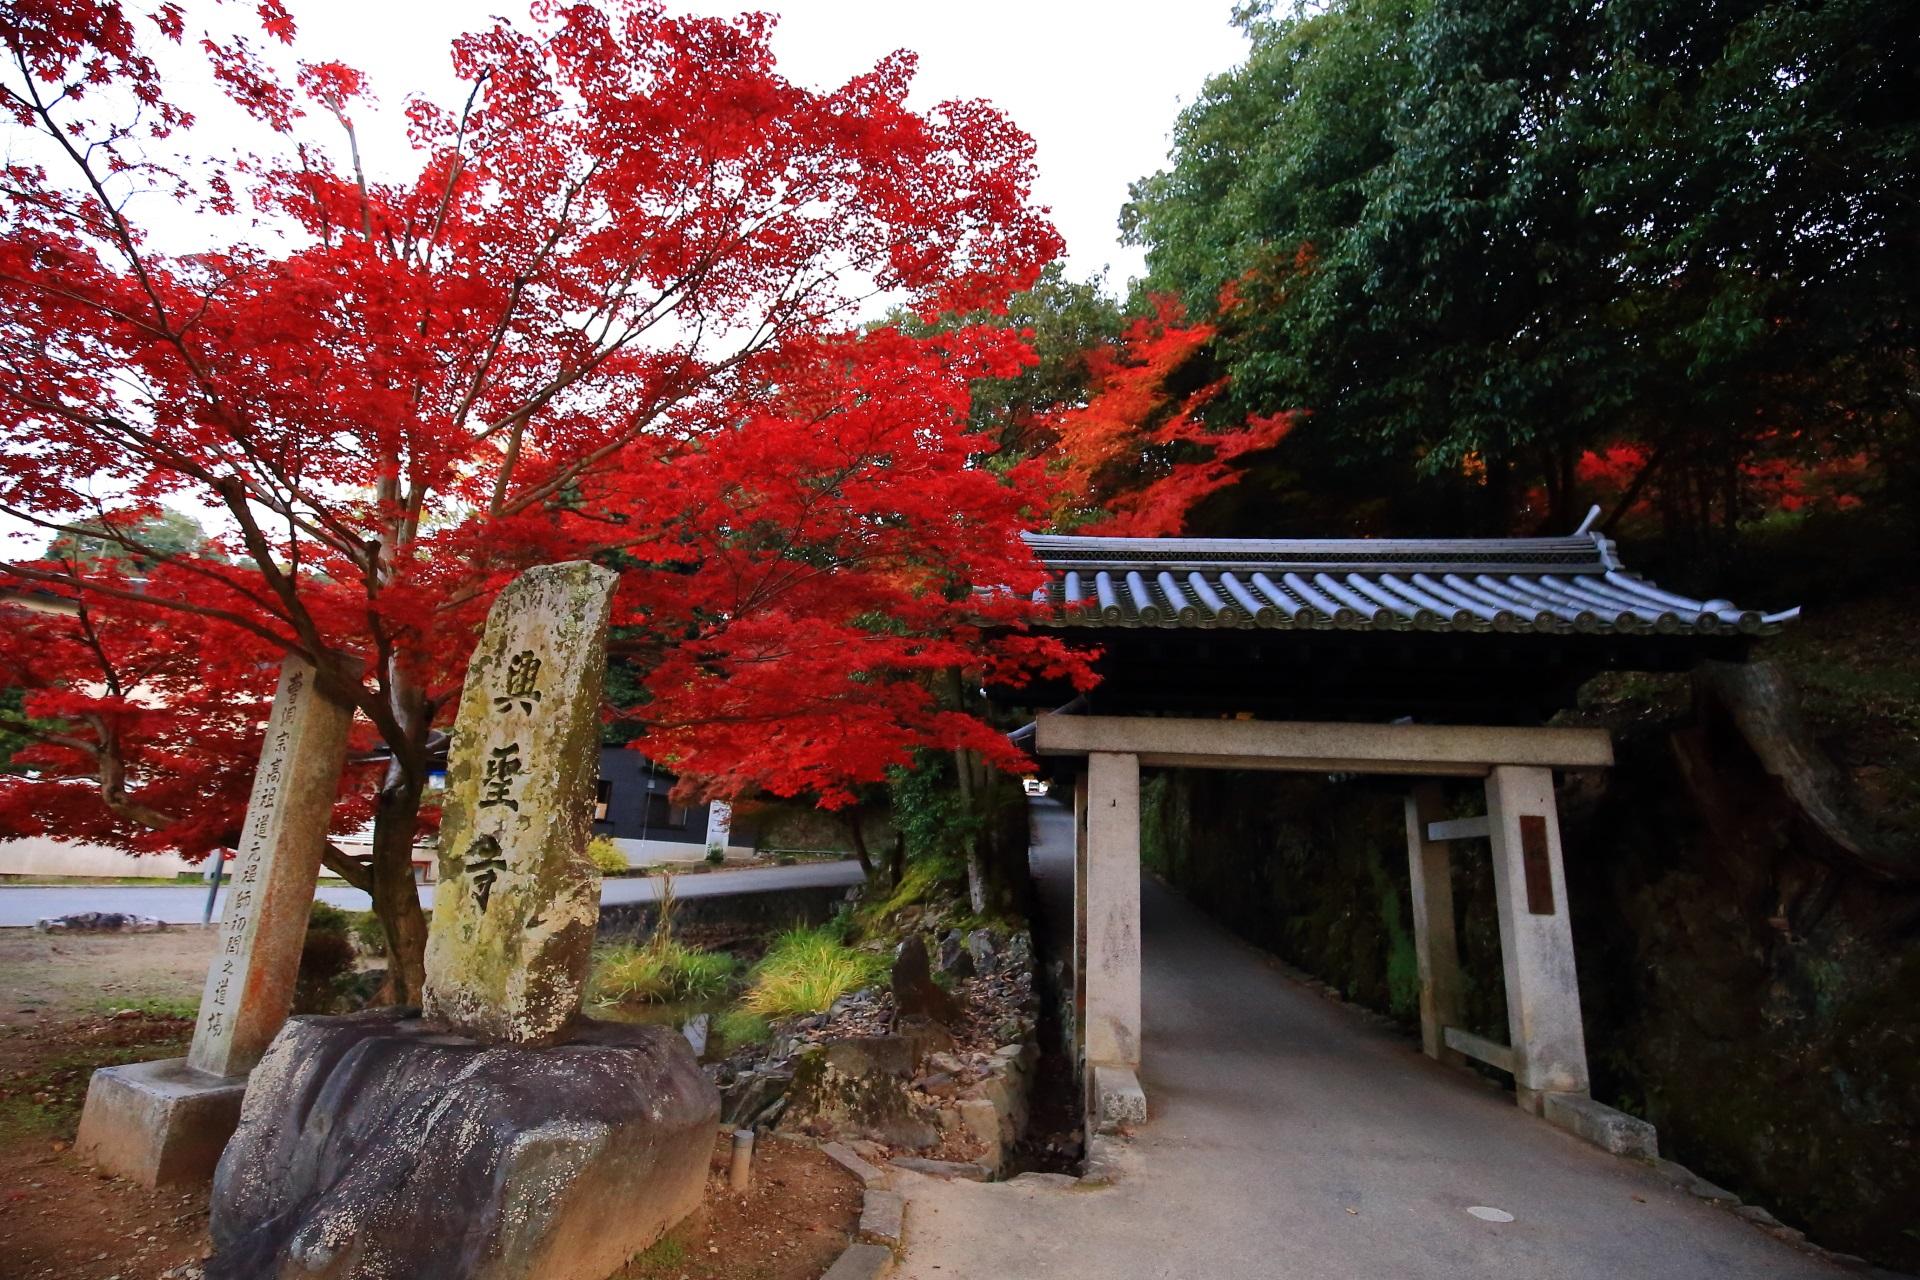 興聖寺の石門と真っ赤な紅葉